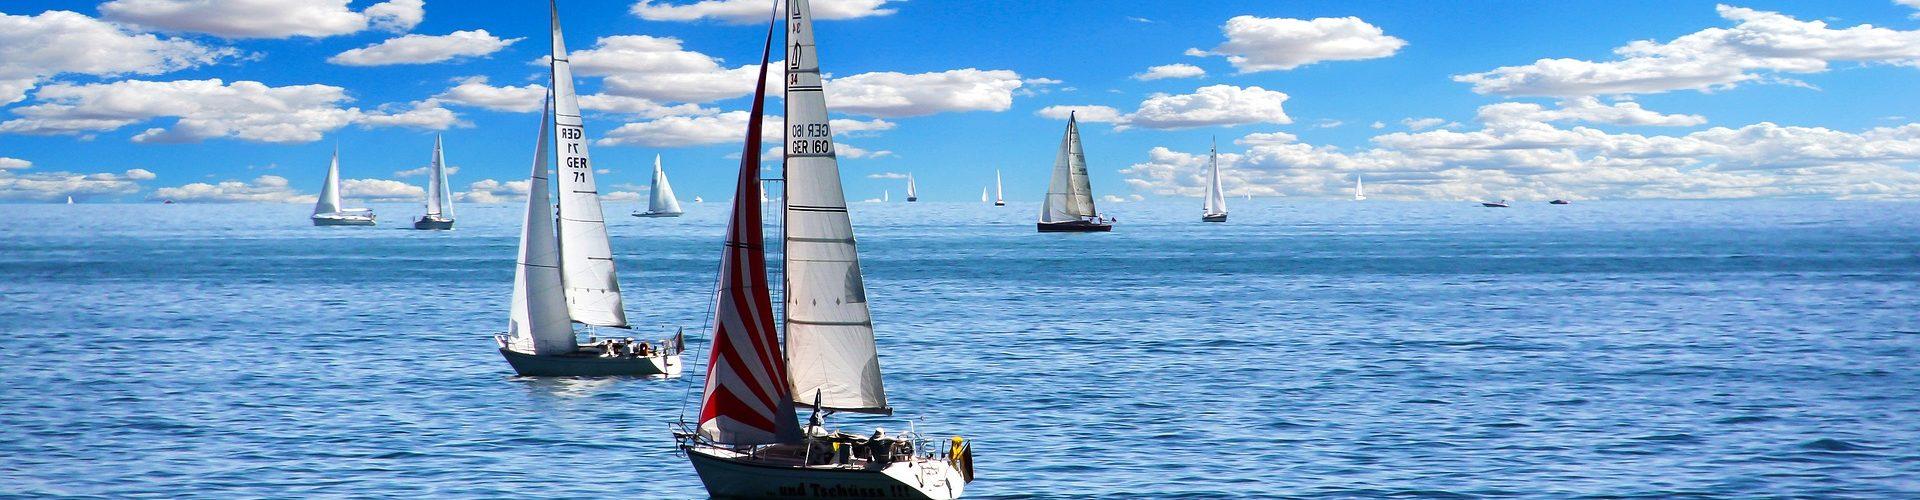 segeln lernen in Zellingen segelschein machen in Zellingen 1920x500 - Segeln lernen in Zellingen